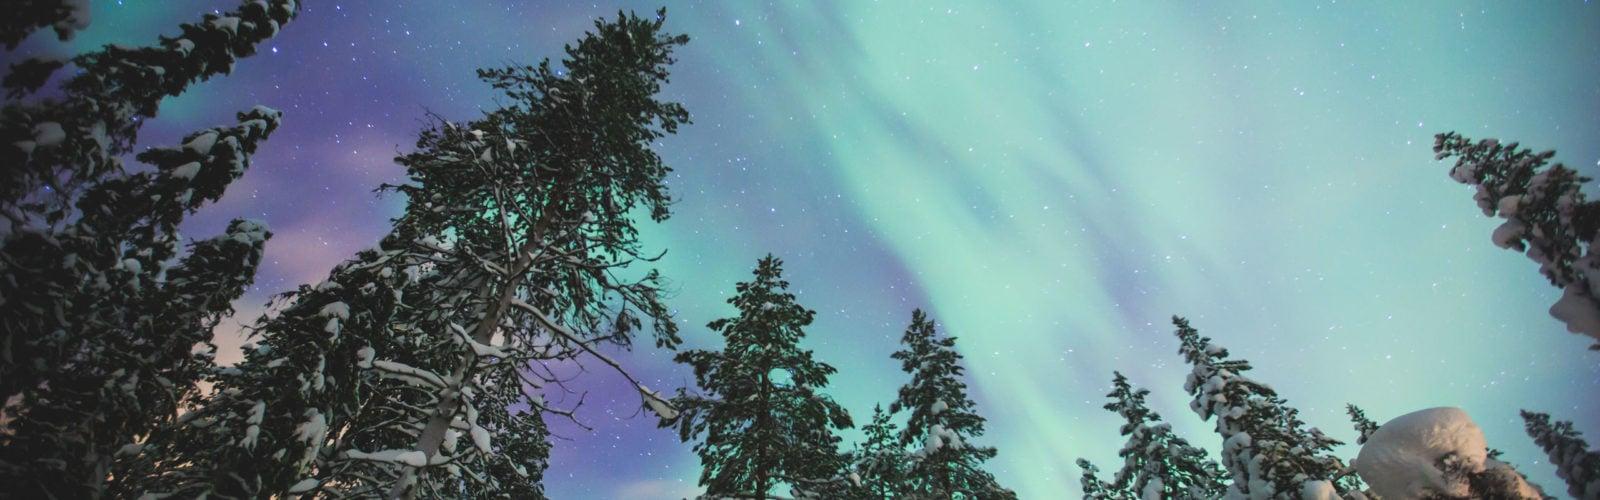 northern-lights-norwegian-lapland